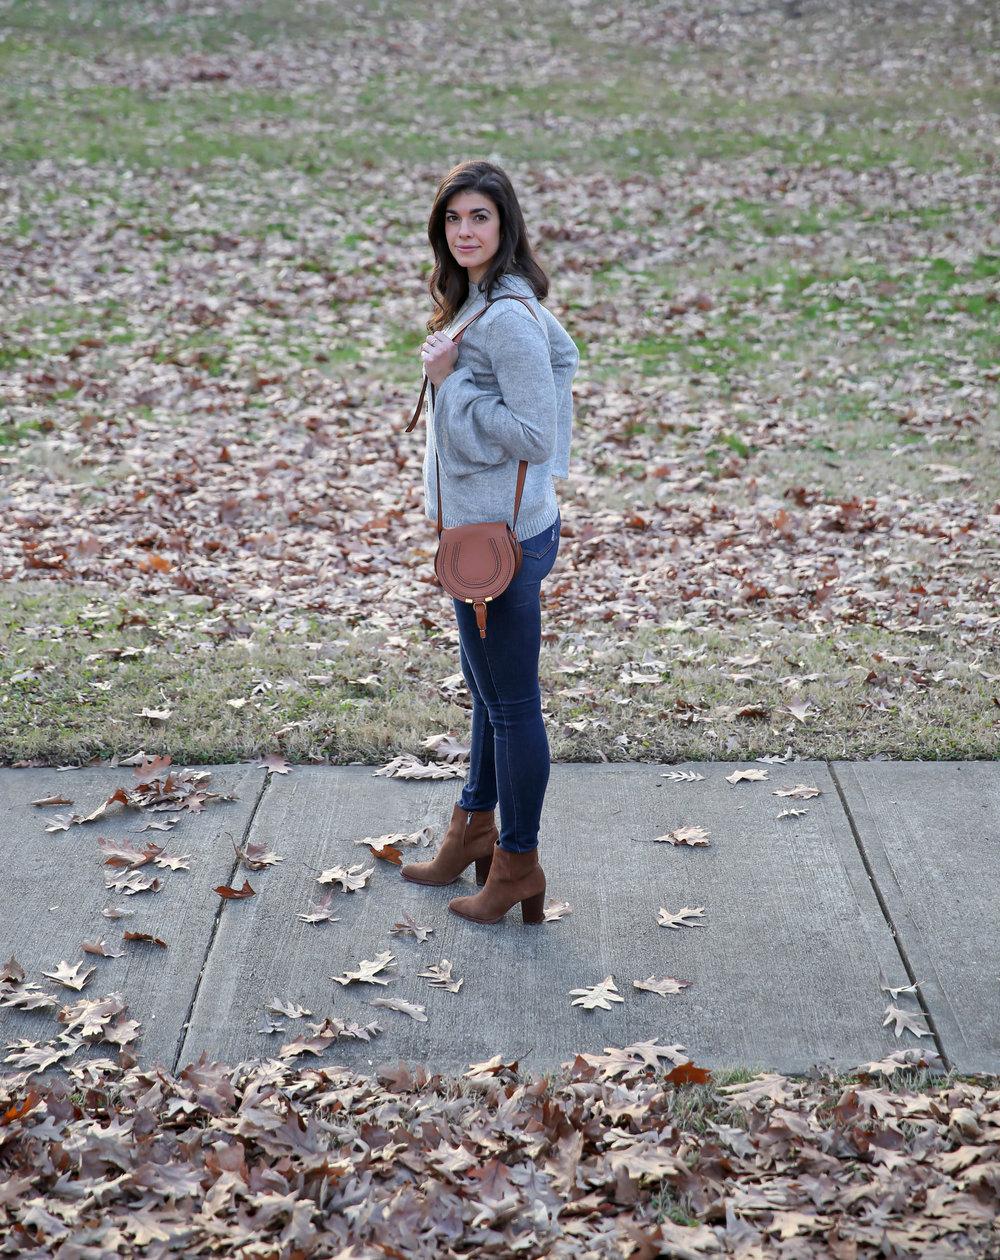 casual-chic-sweater-skinny-jeans-booties-lauren-schwaiger.jpg